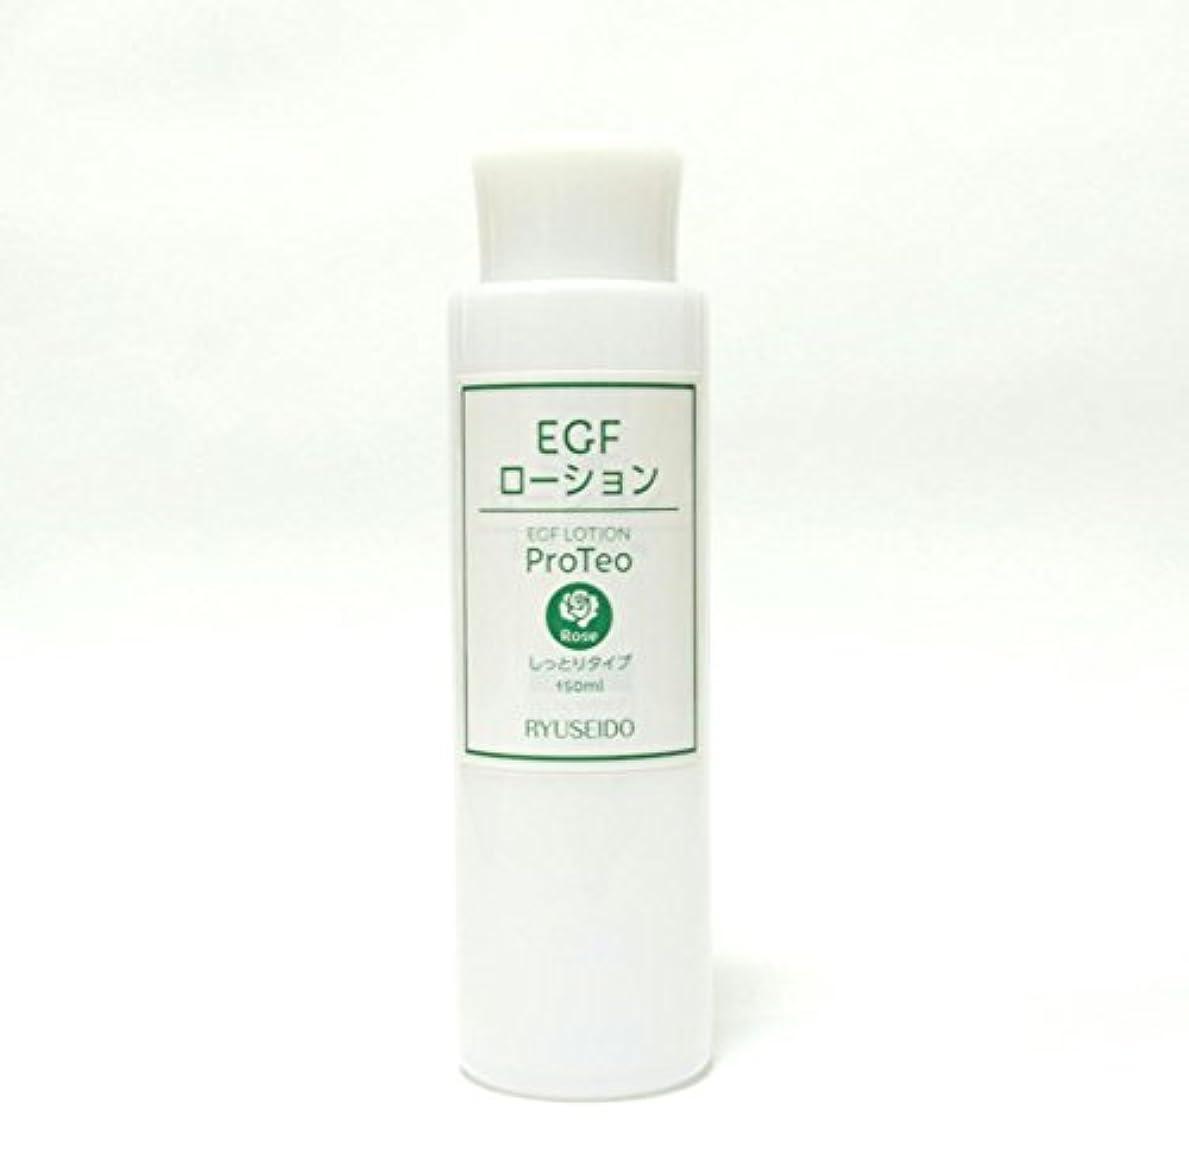 バドミントン汚染うがい薬EGFローション プロテオグリカン、ビタミンC新配合